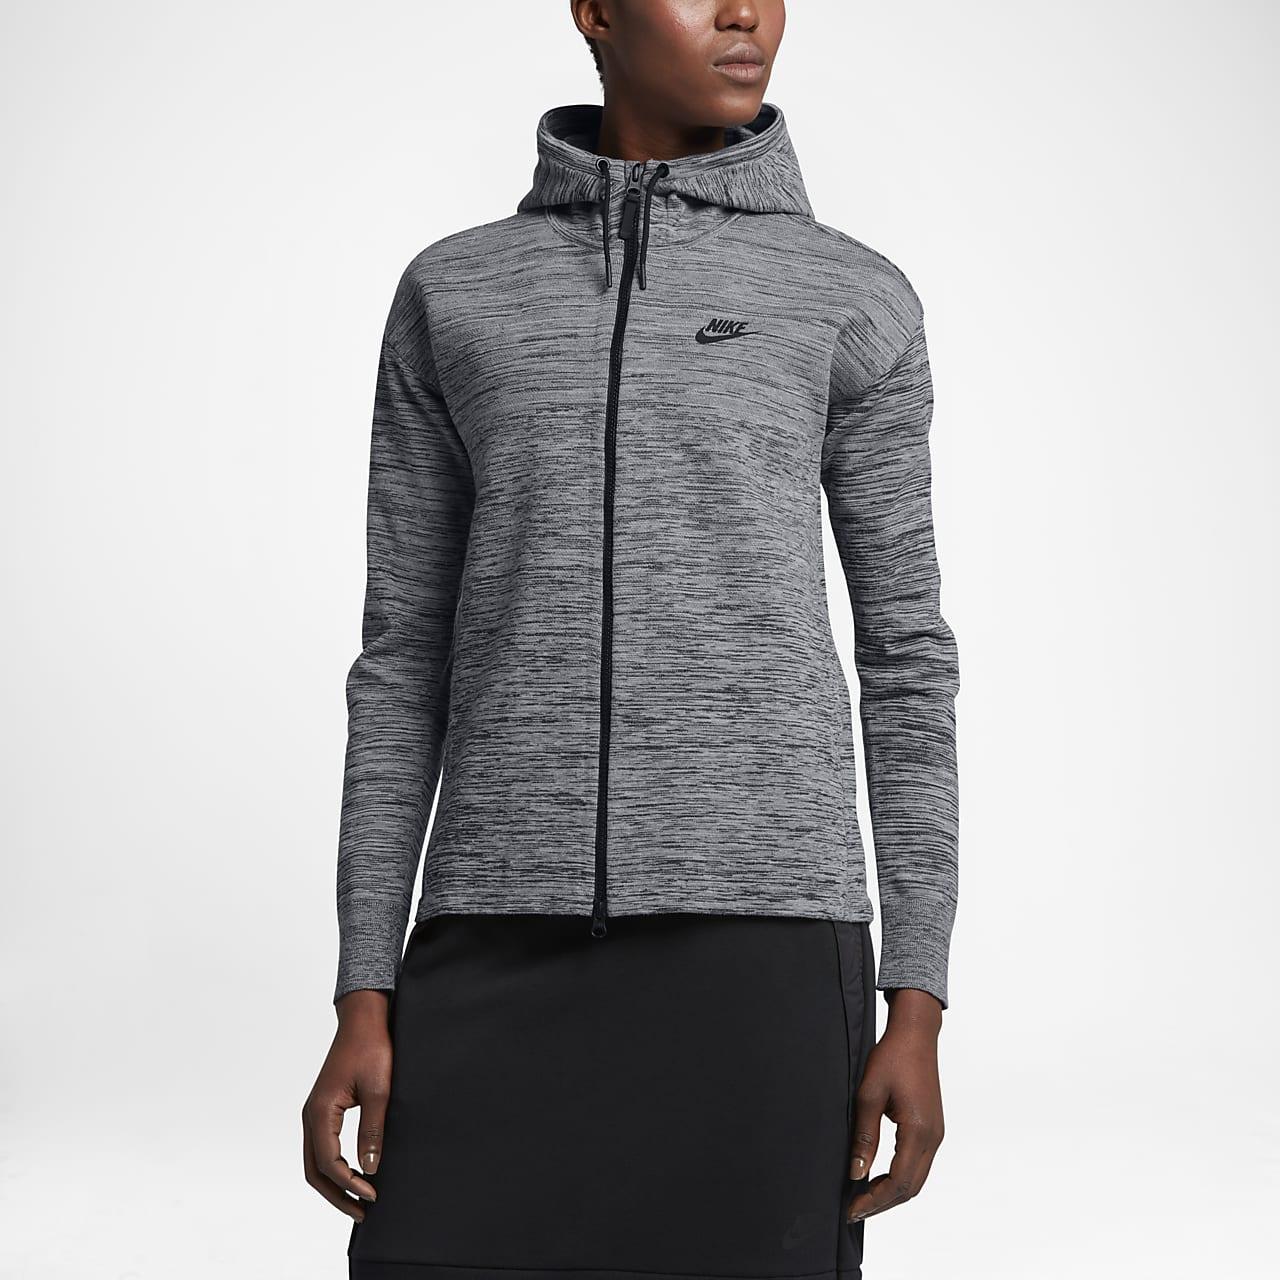 Nike Tech Knit Women's Jacket